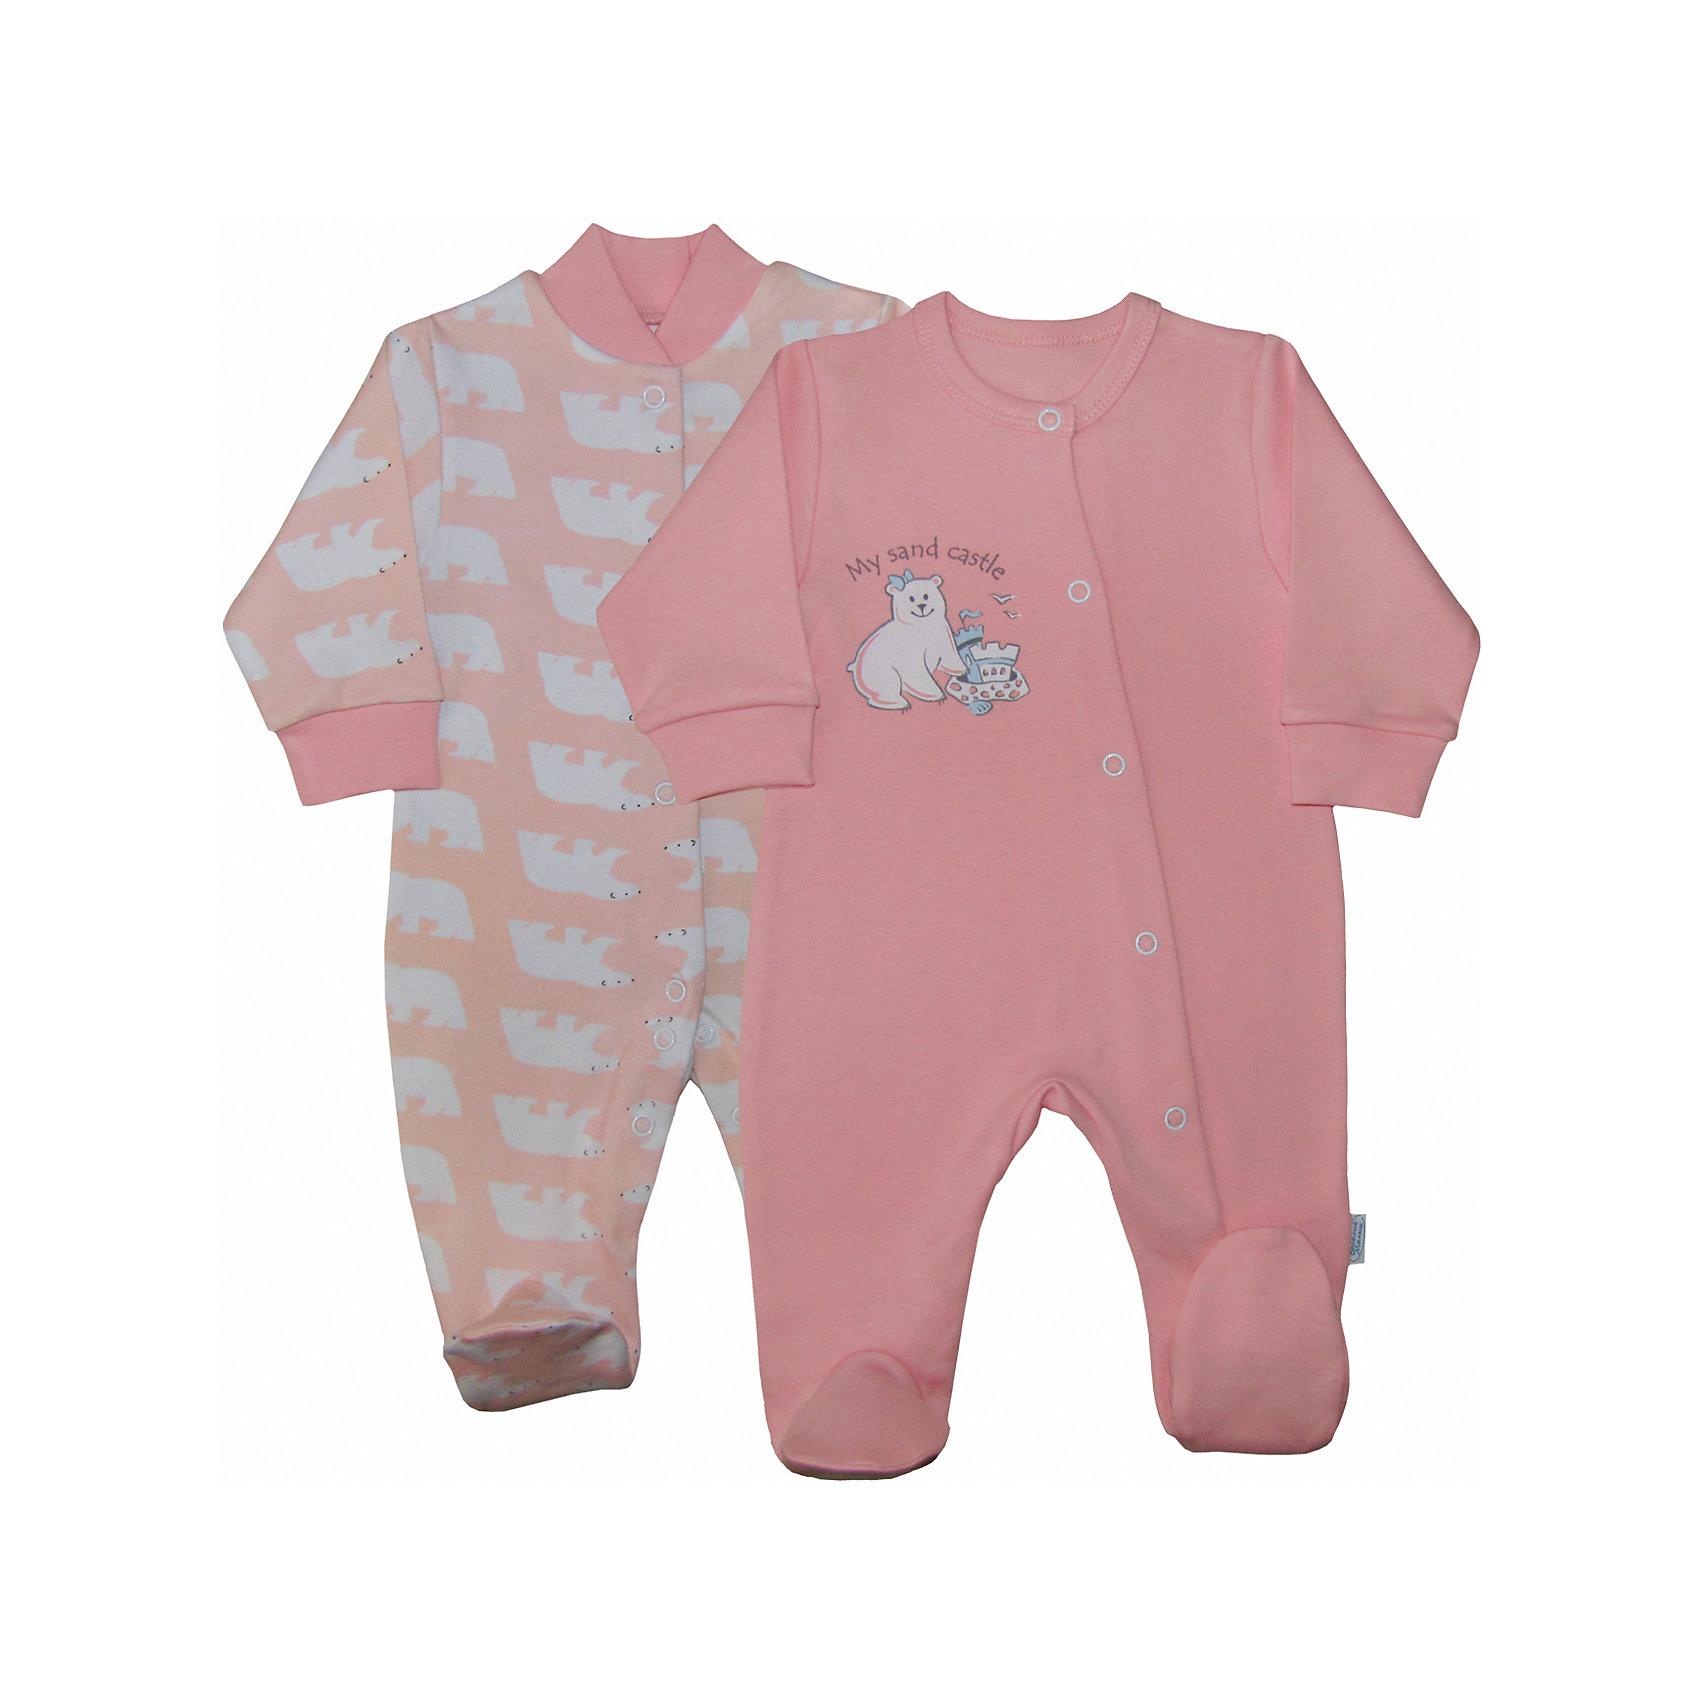 Веселый малыш Комбинезон для девочки,2 шт. Веселый малыш веселый малыш футболка для девочки веселый малыш